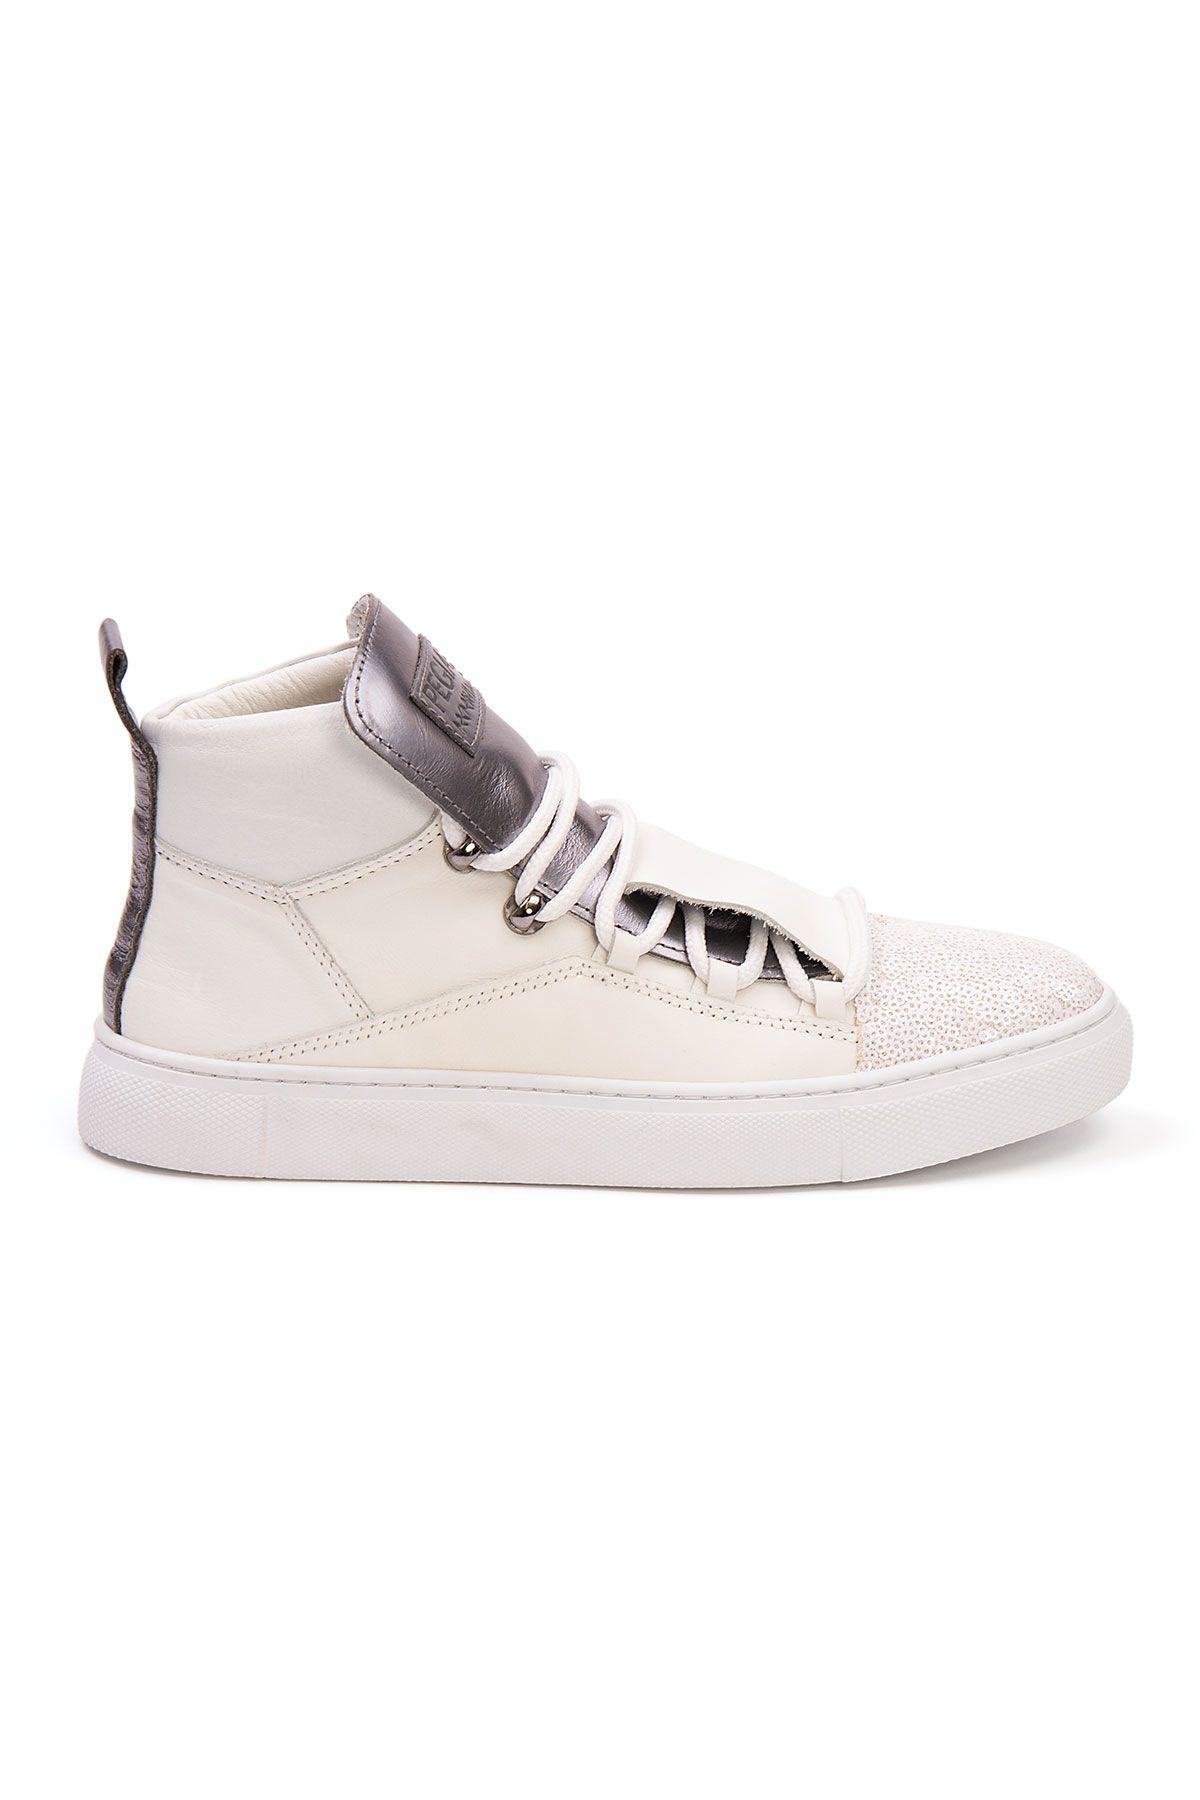 Pegia Genuine Leather Women's Sneaker LA1322 White